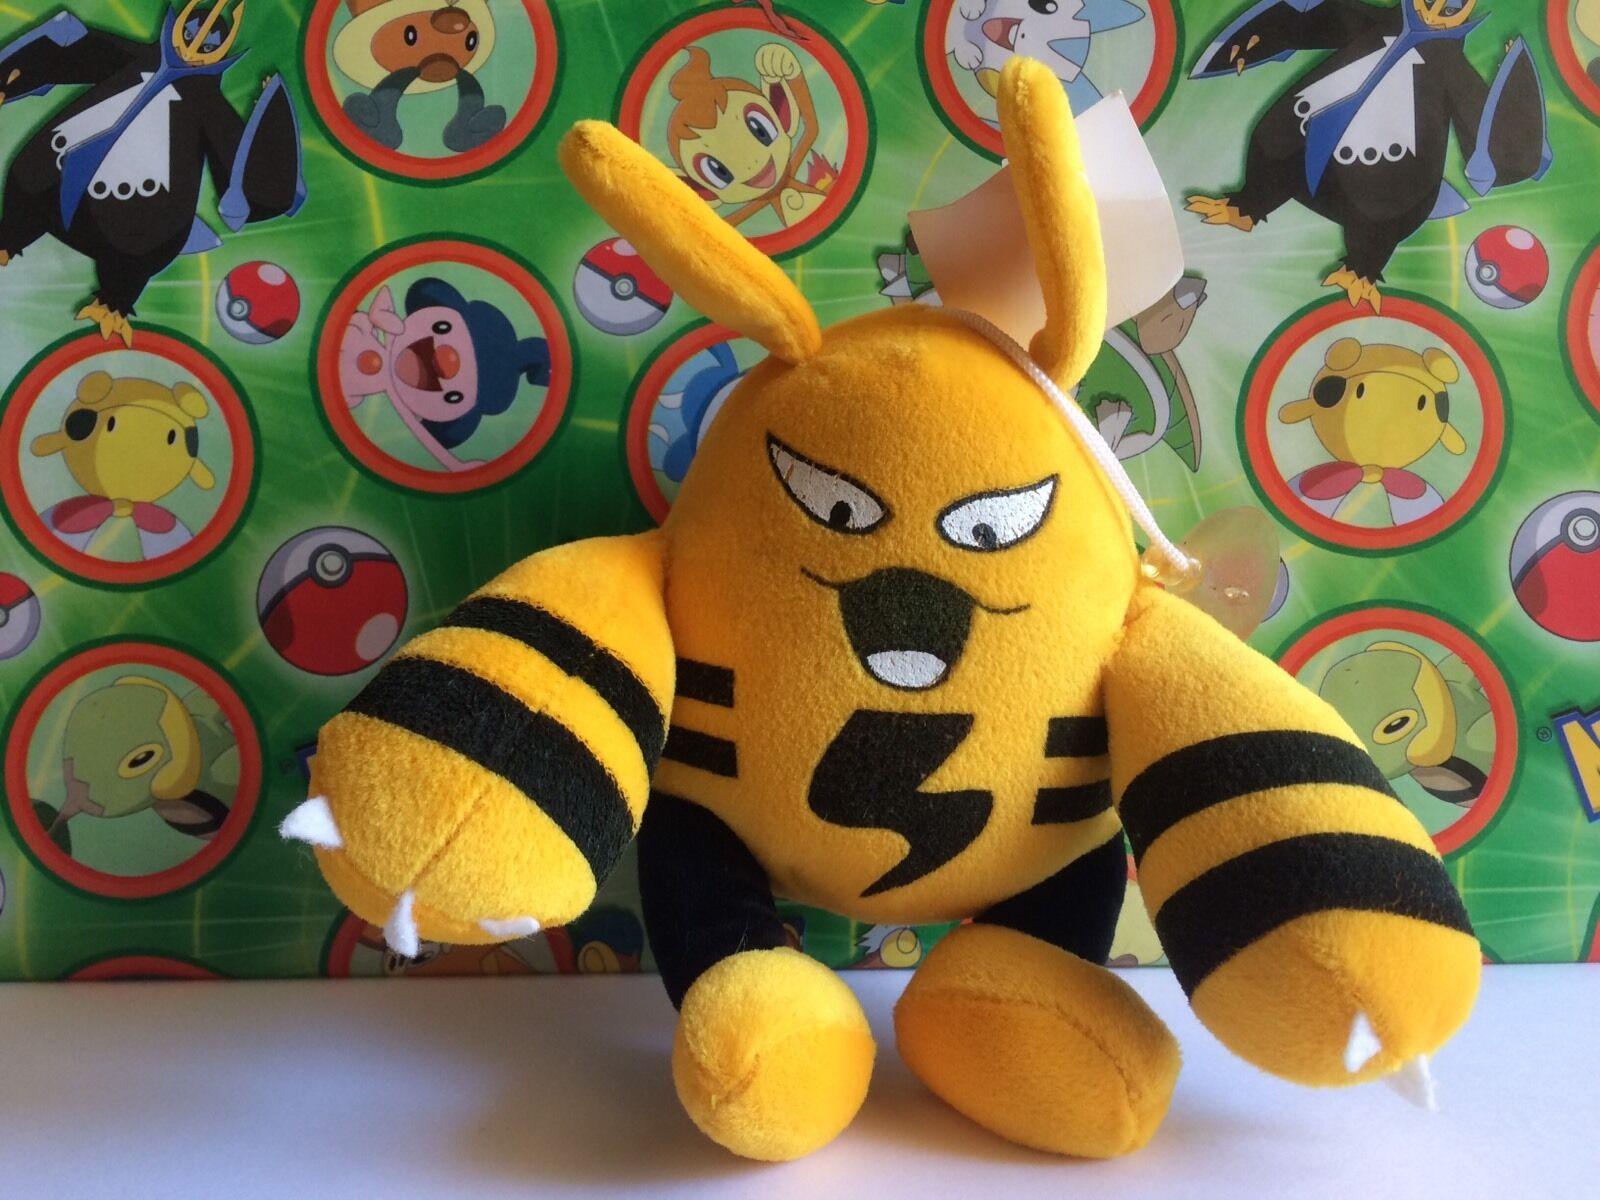 Pokemon Plush Elekid Mirage Doll UFO Stuffed Soft Figure Poke Toy USA Seller